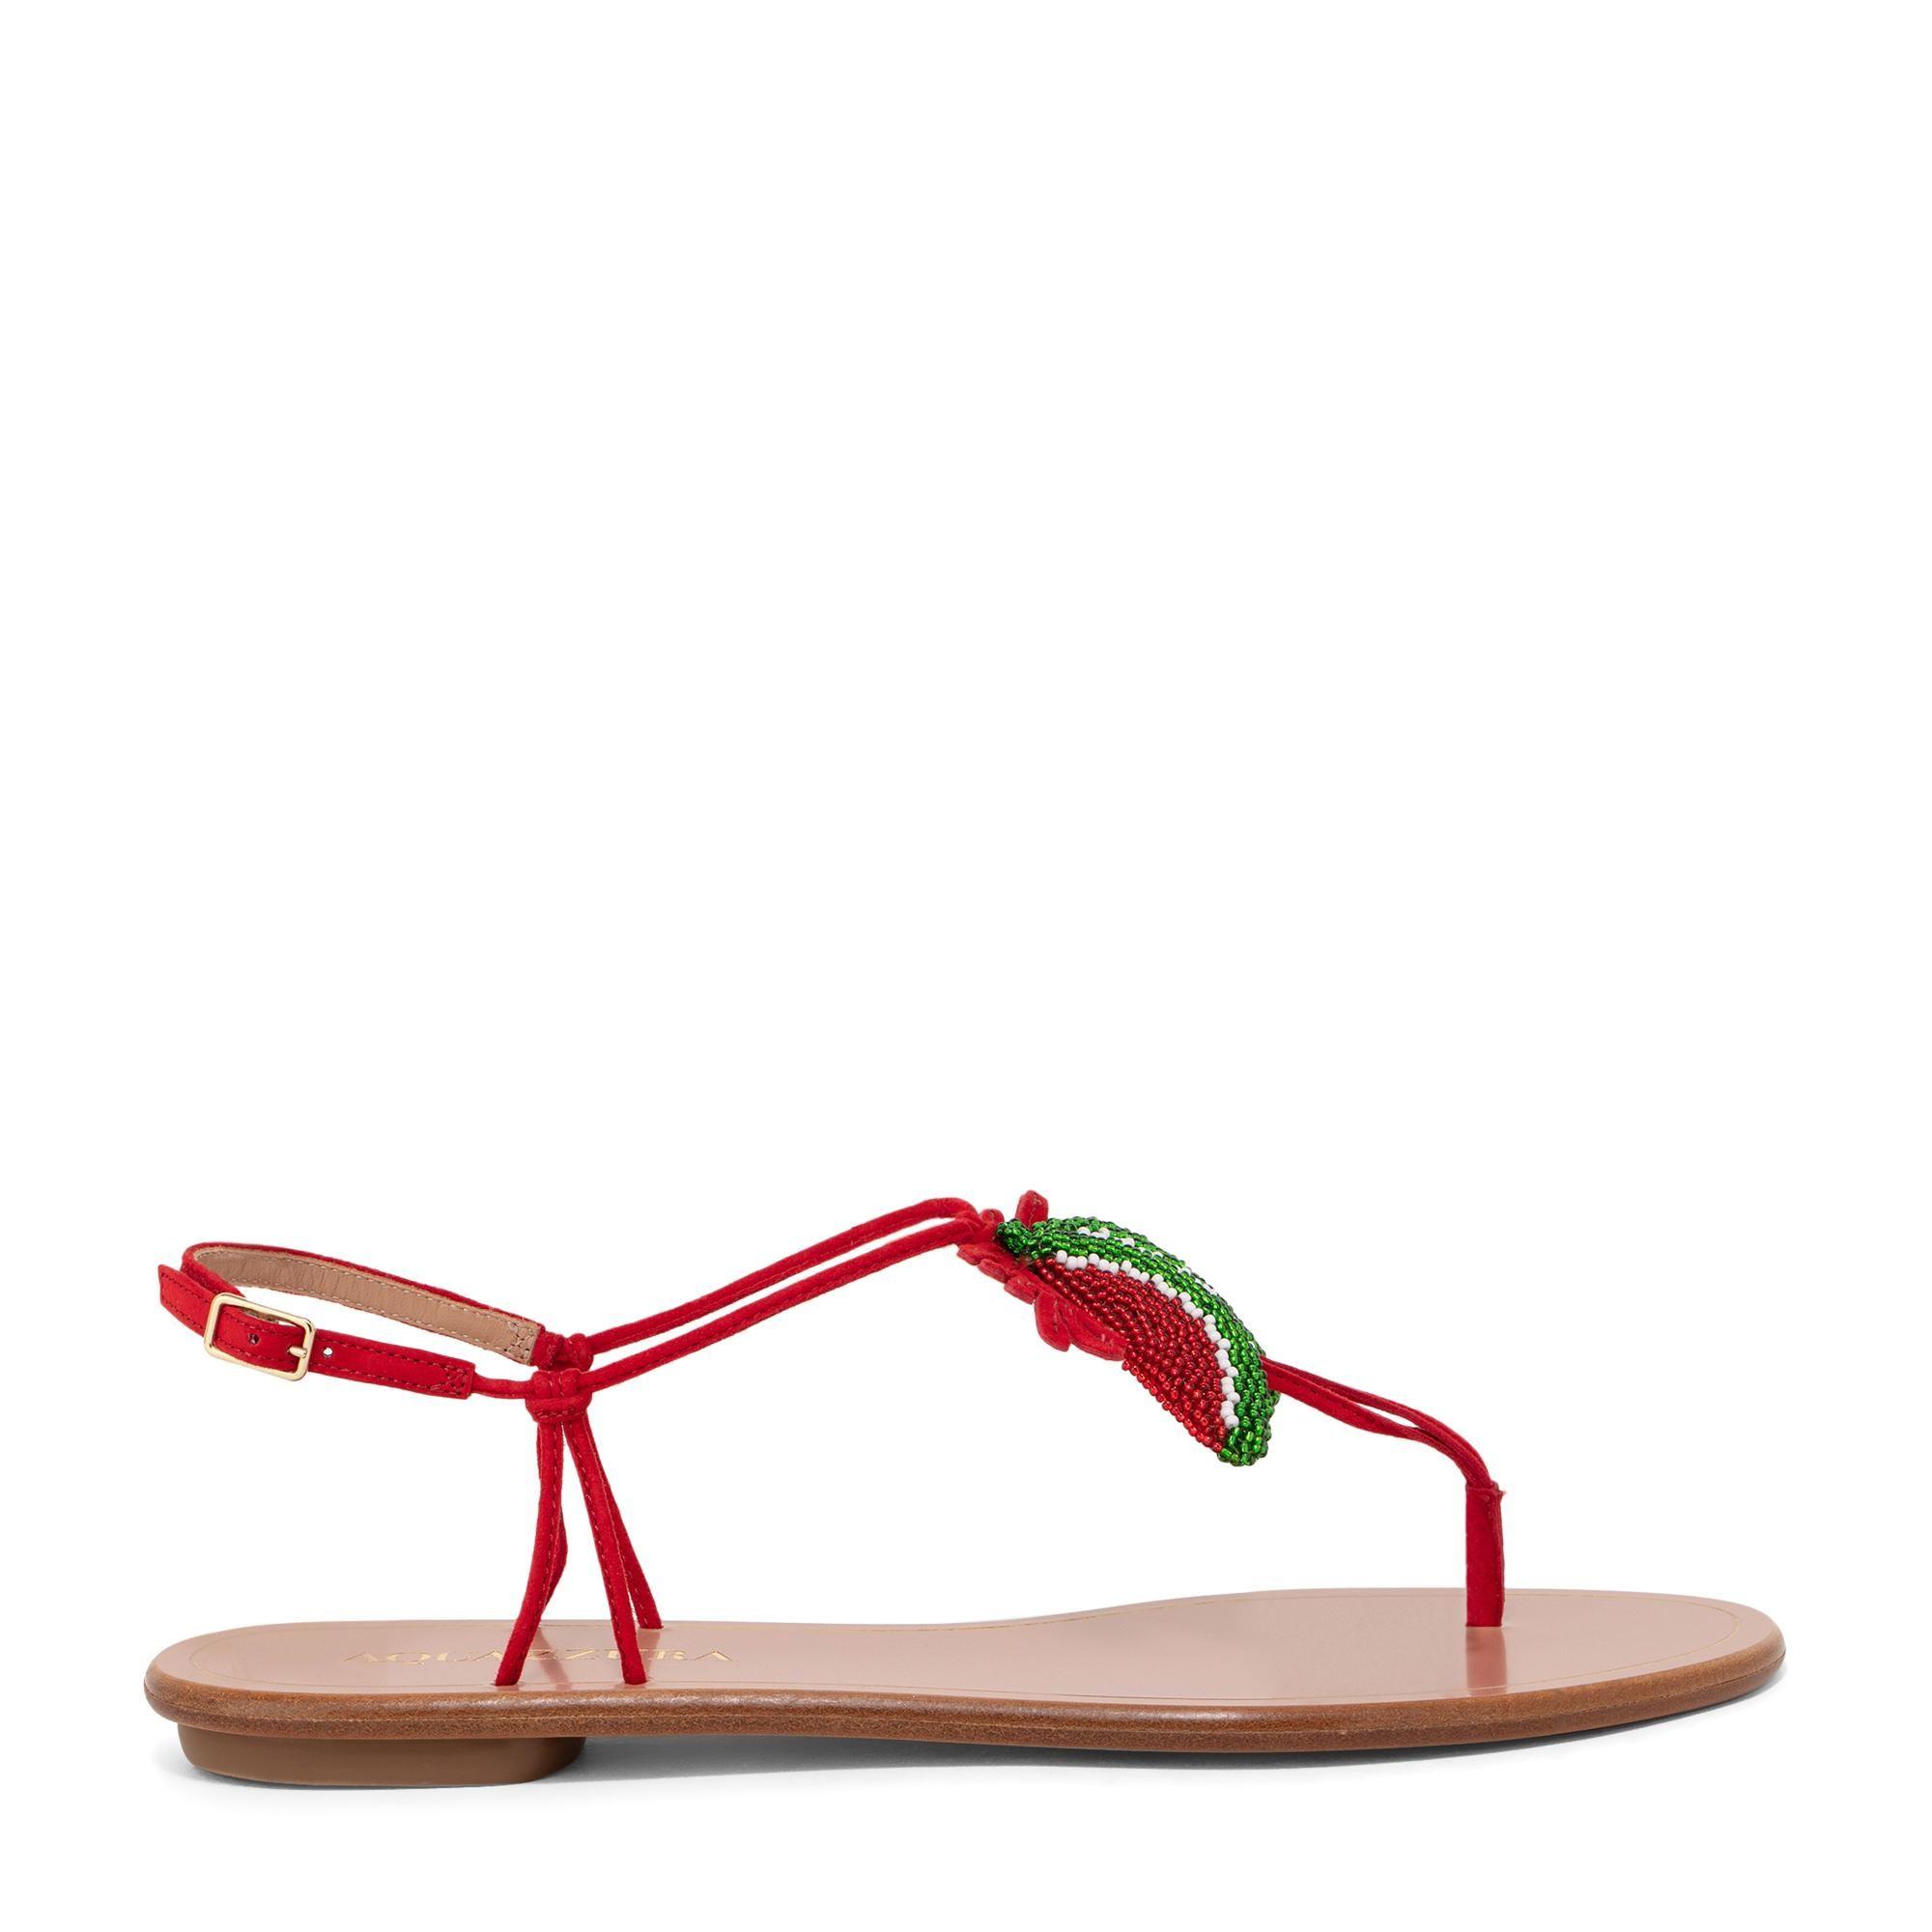 Patillita flat sandals